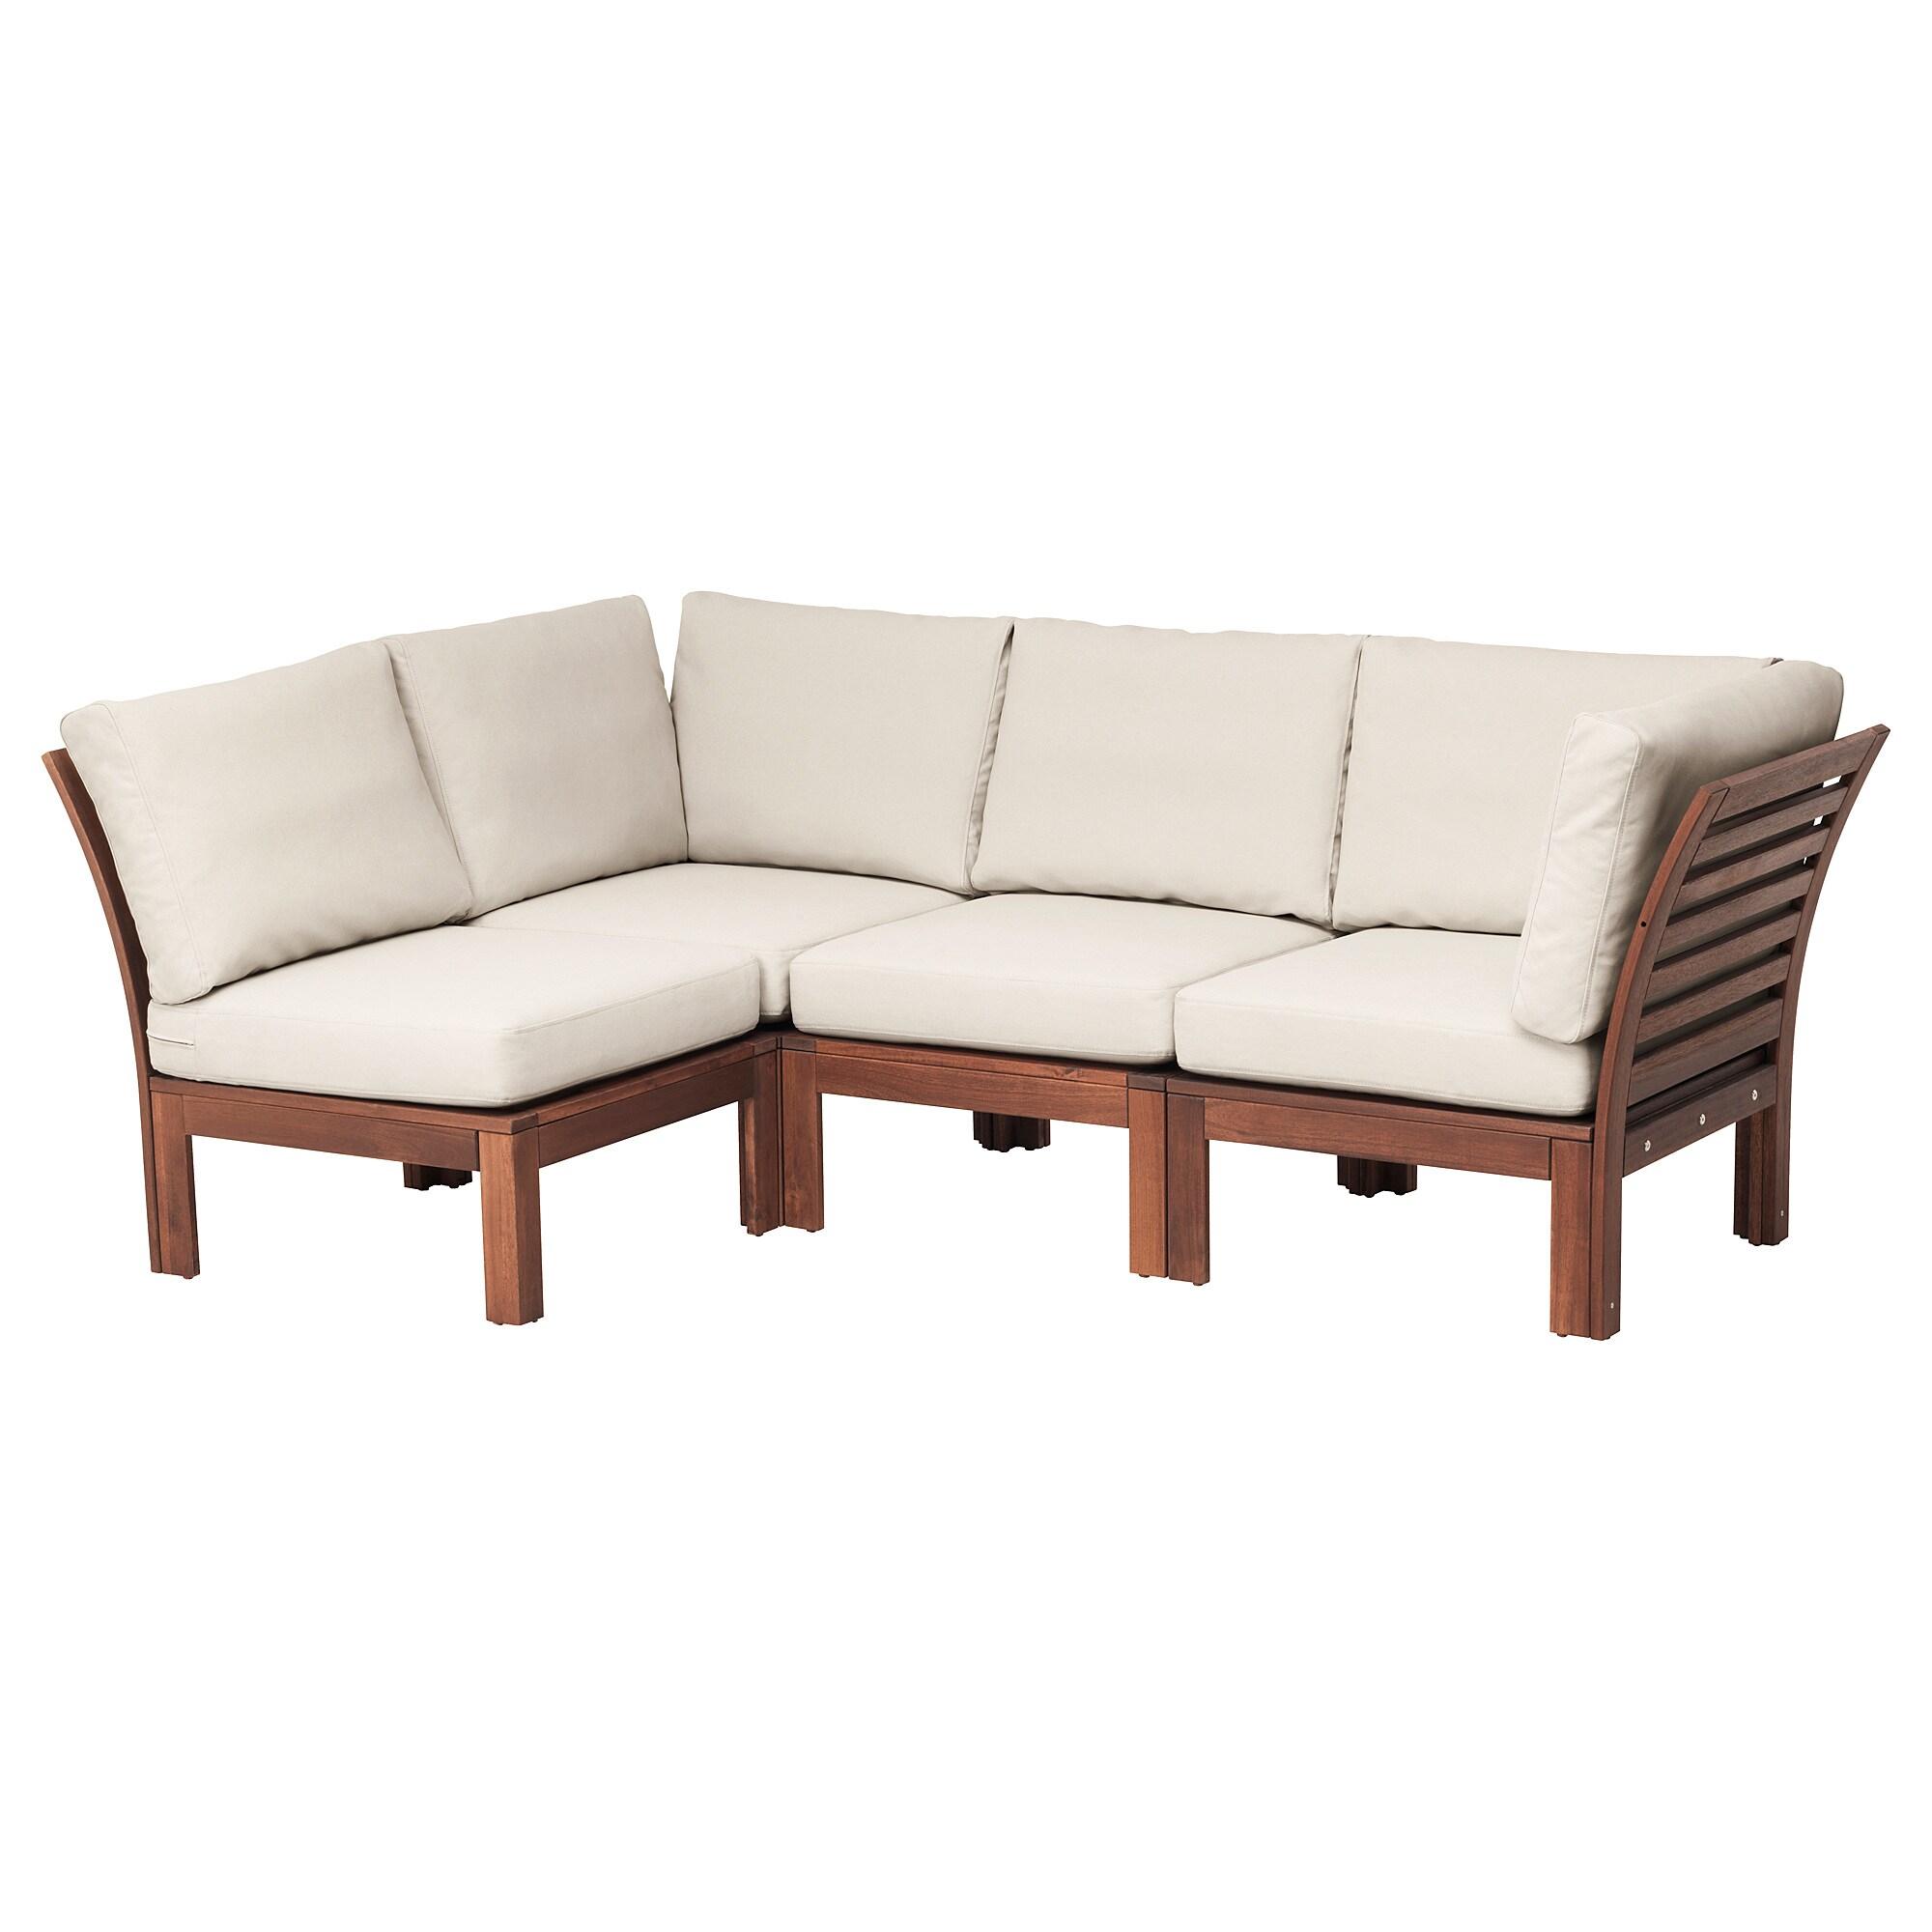 Full Size of Ikea Seite 15 Betten Bei Sofa Mit Schlaffunktion Küche Kaufen Kosten Modulküche Miniküche 160x200 Wohnzimmer Sonnenliege Ikea